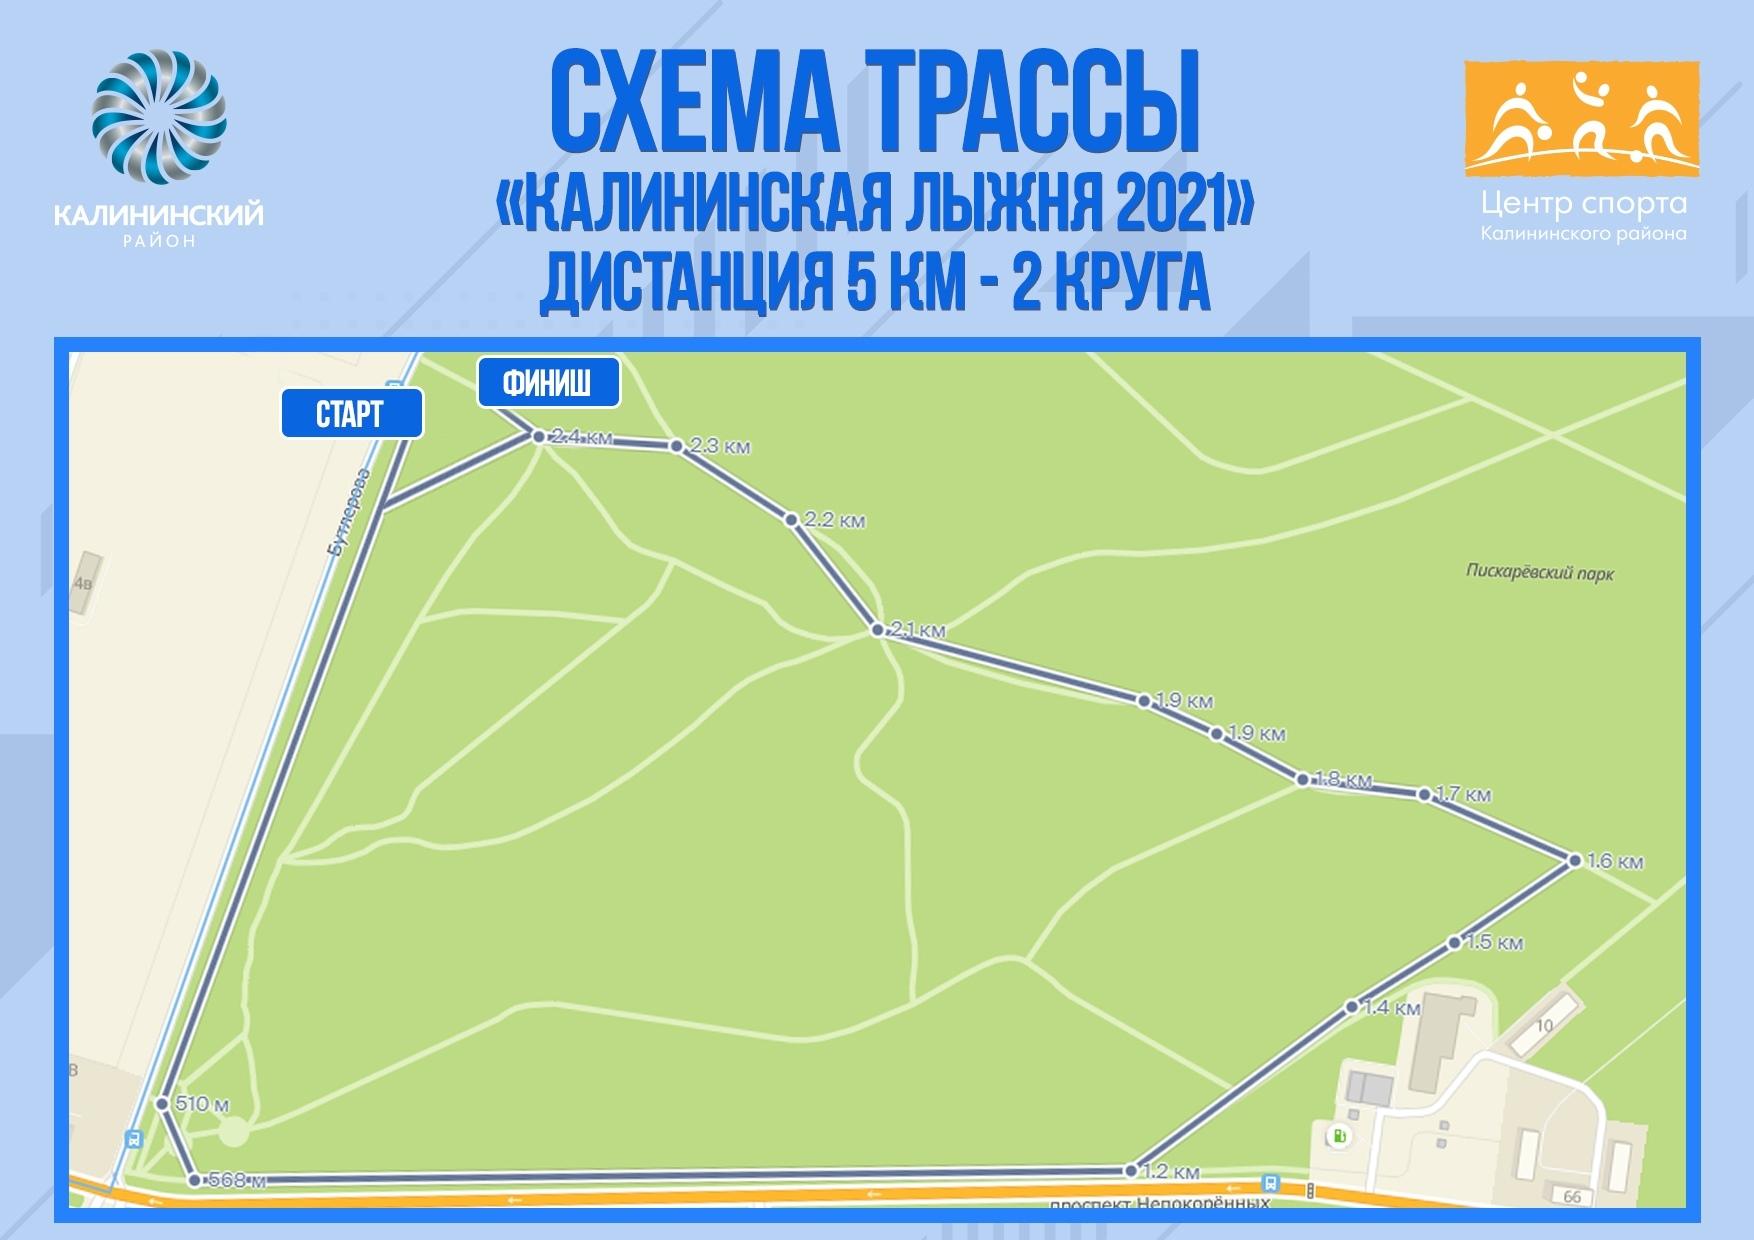 Расписание и схемы дистанций Калининской лыжни 2021